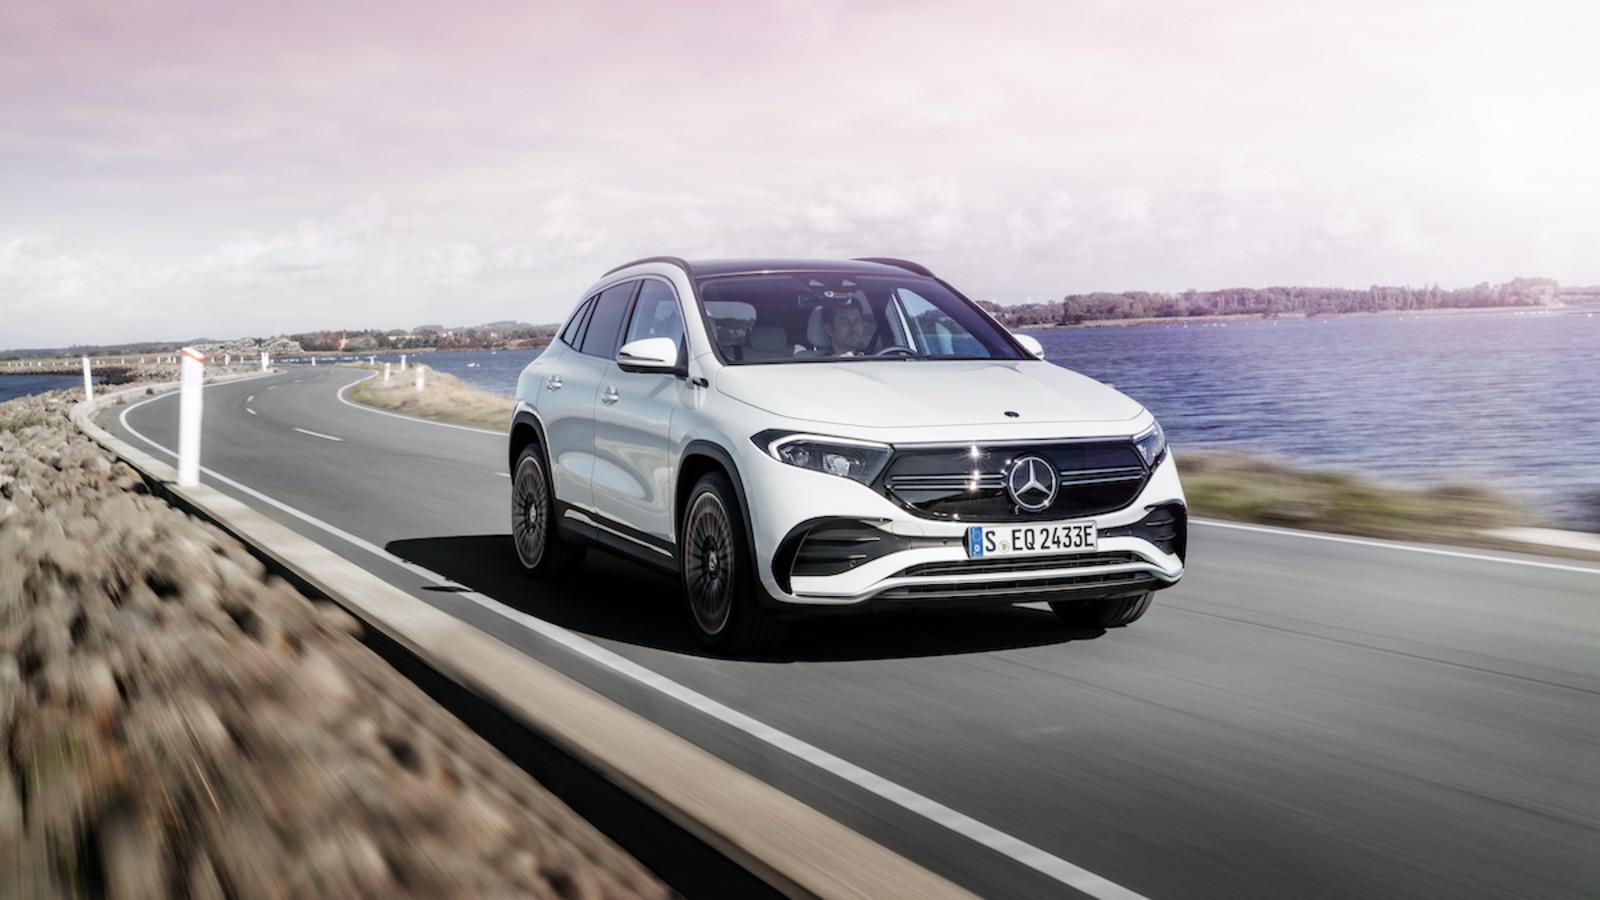 Mercedes erweitert seine Marke EQ mit dem Crossover-SUV EQA.